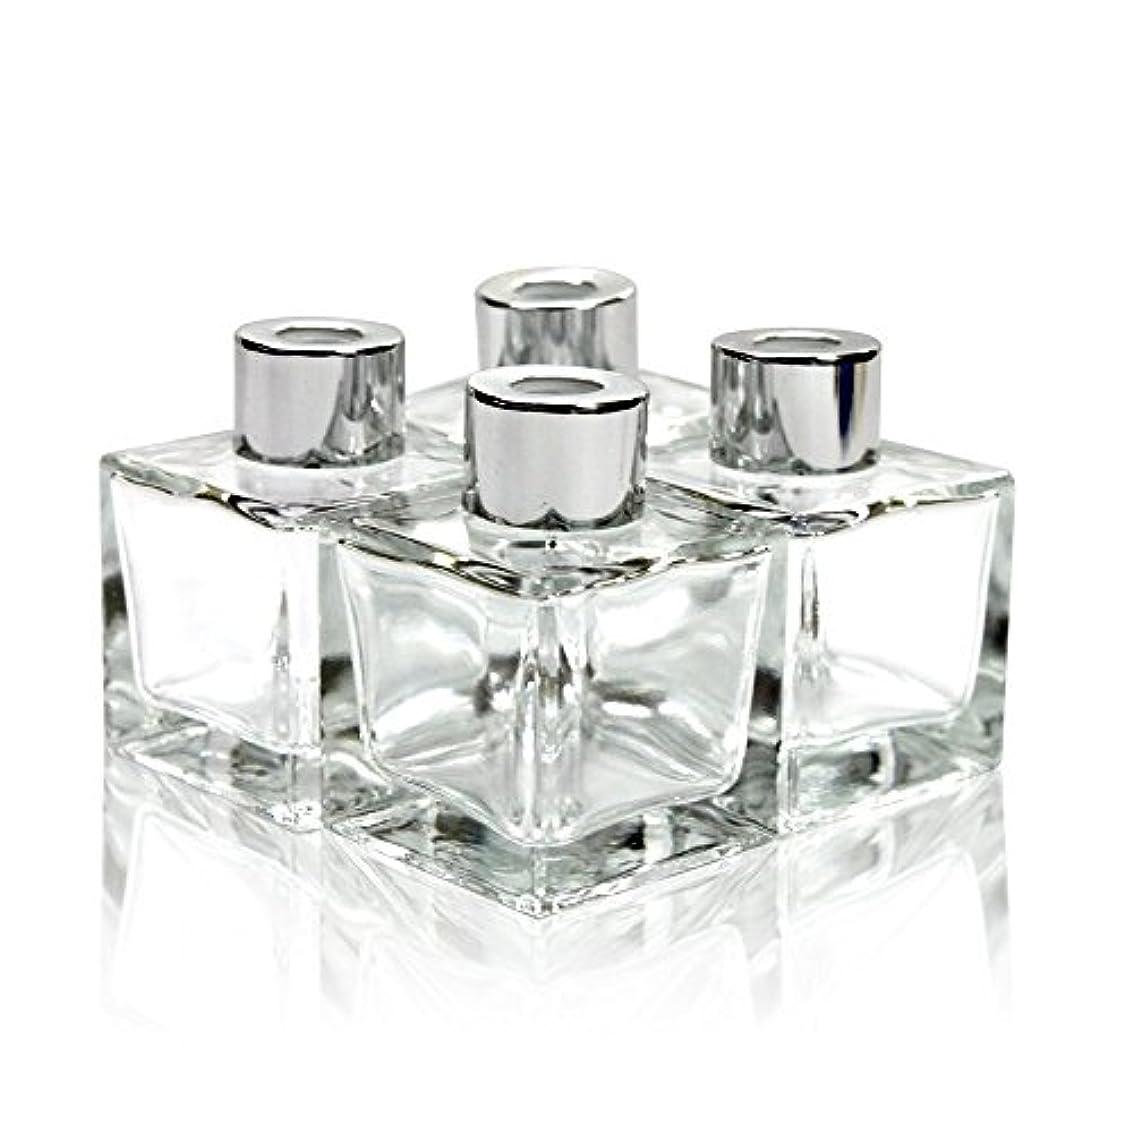 拒絶心配するレンダリングFeel Fragrance リードディフューザー用 リードディフューザーボトル 容器 透明 蓋付き 4本セット50ML方形 (GB-50)